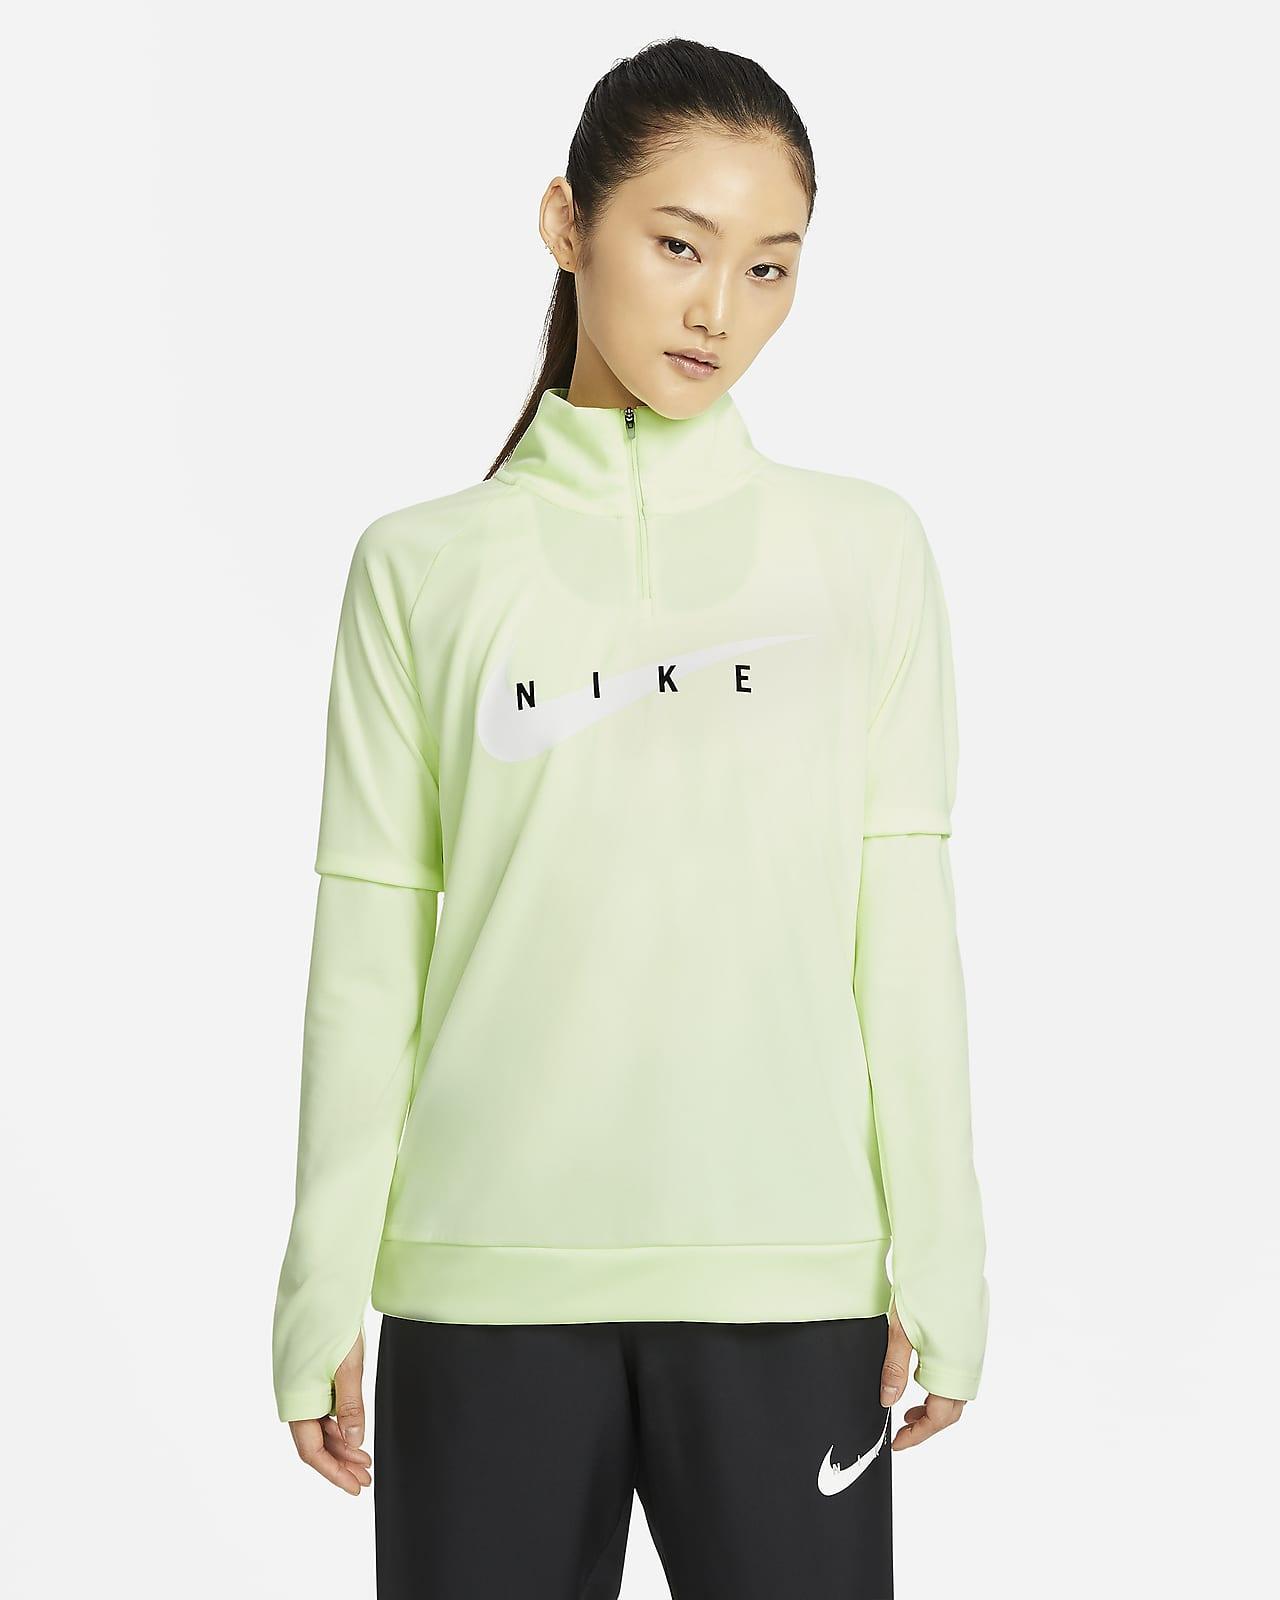 Löpartröja Nike Swoosh Run för kvinnor